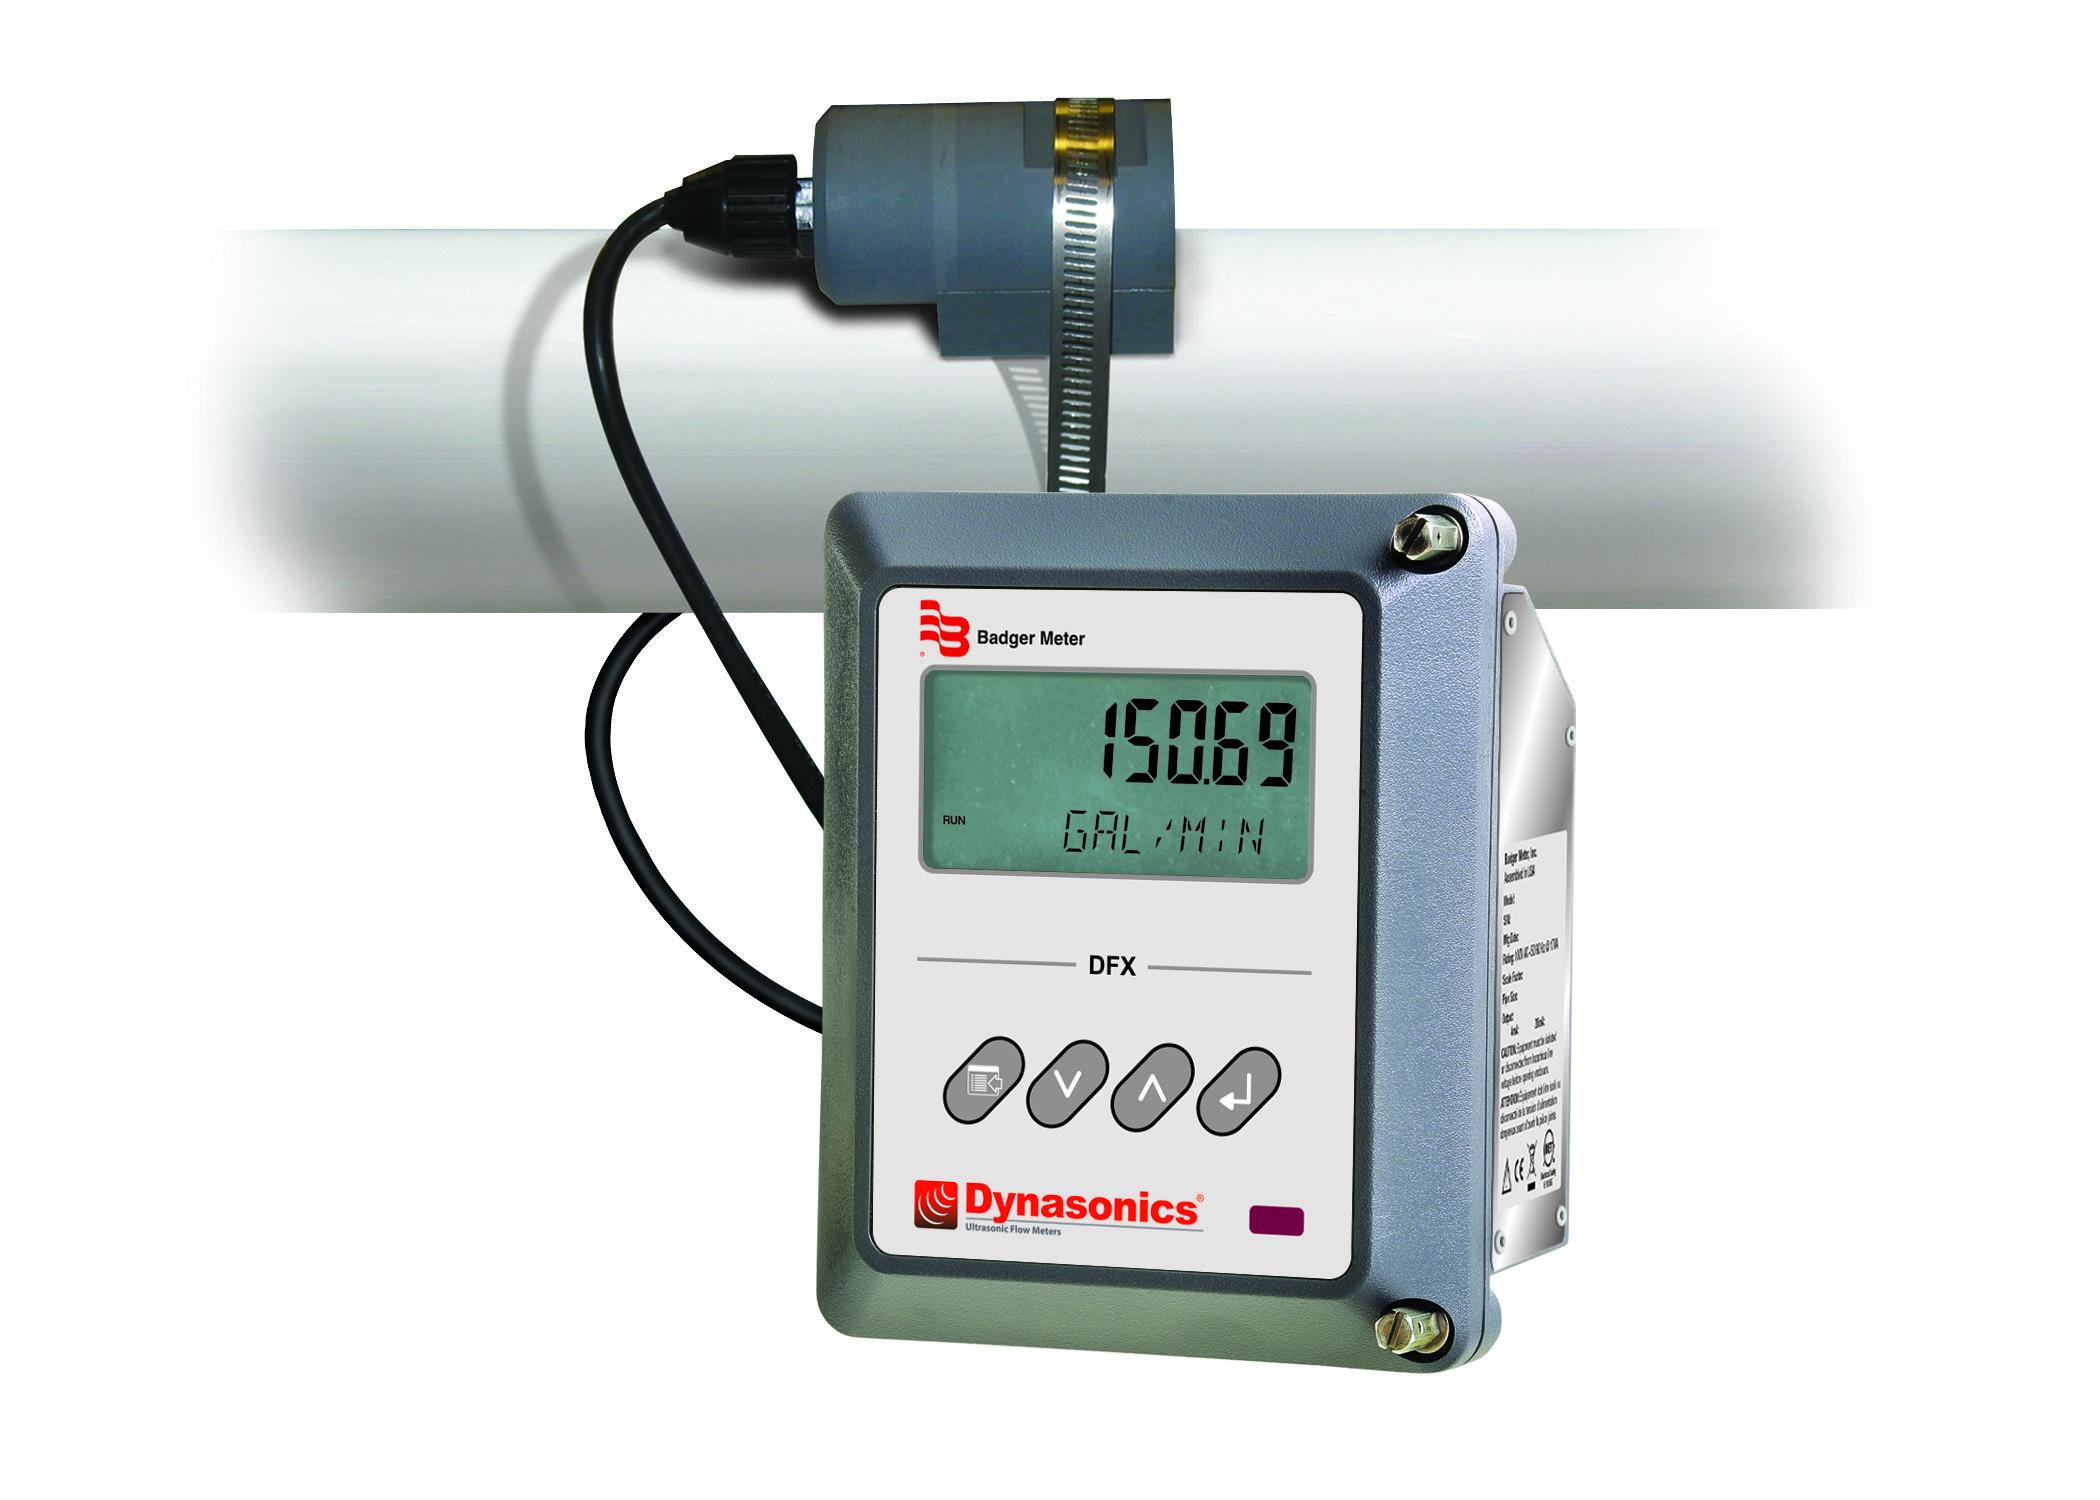 Ultrasonic Flow Meter (Doppler) - DFX / DT9